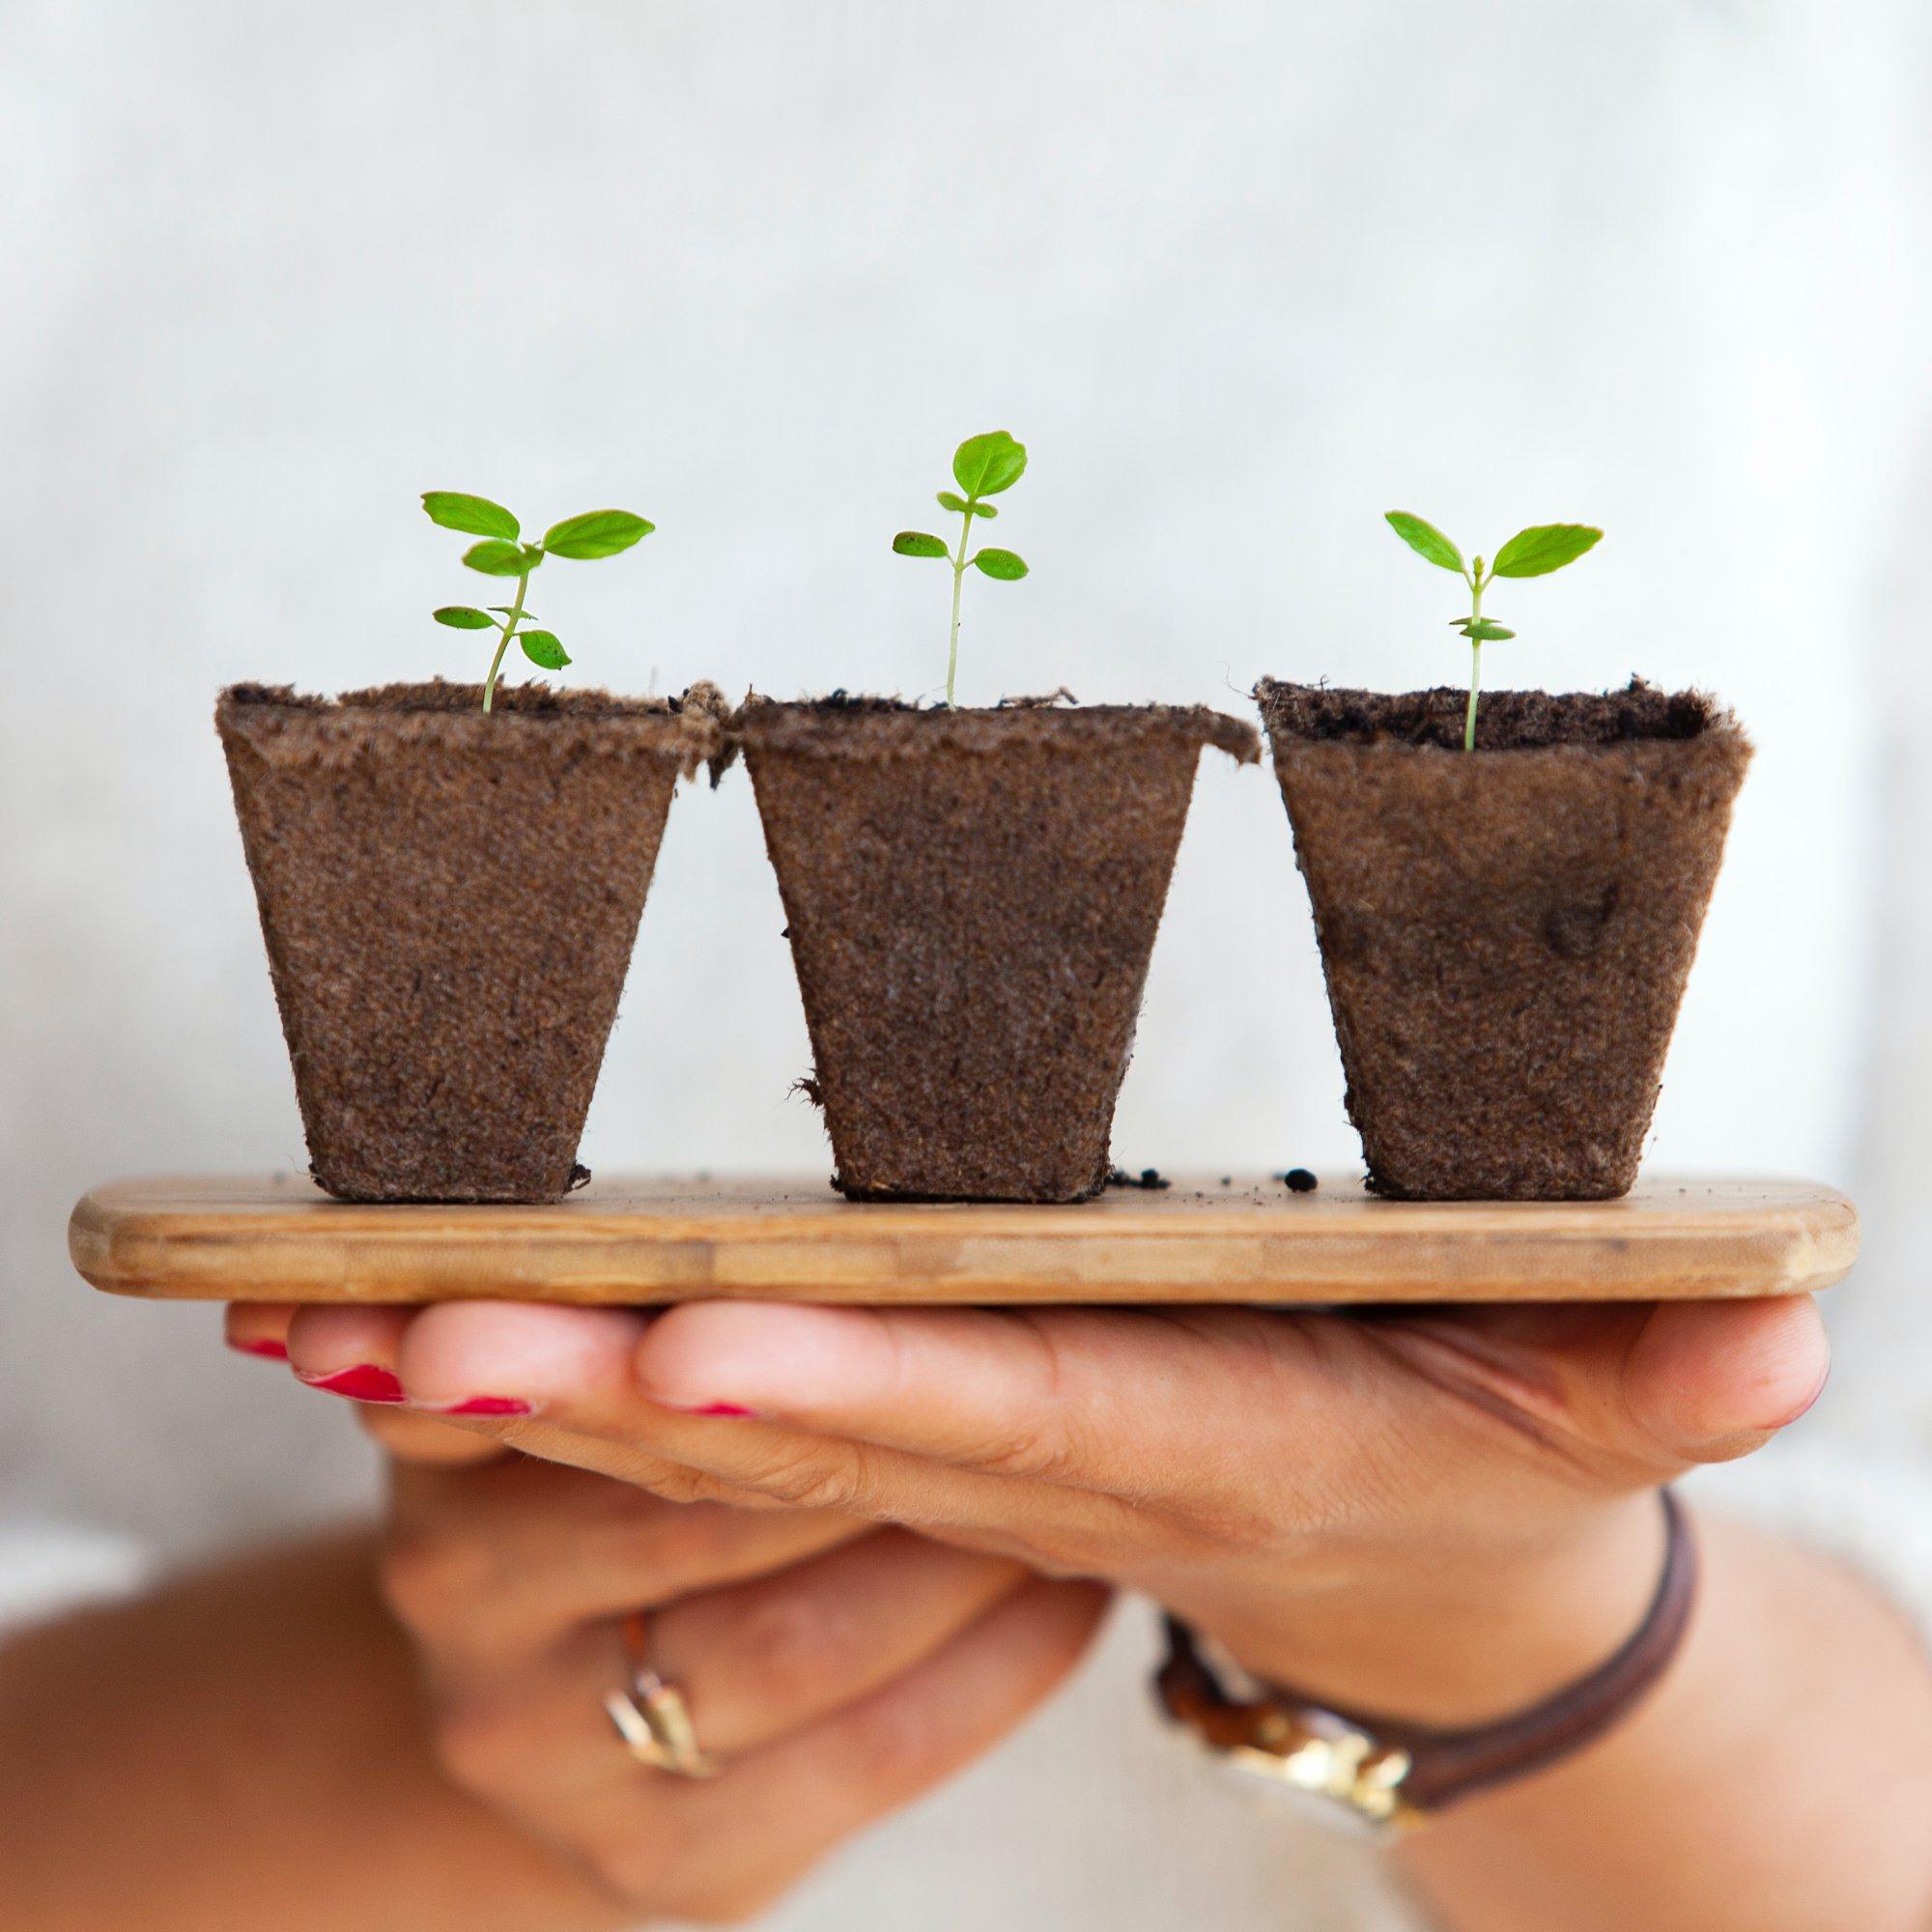 Por que a sustentabilidade importa?